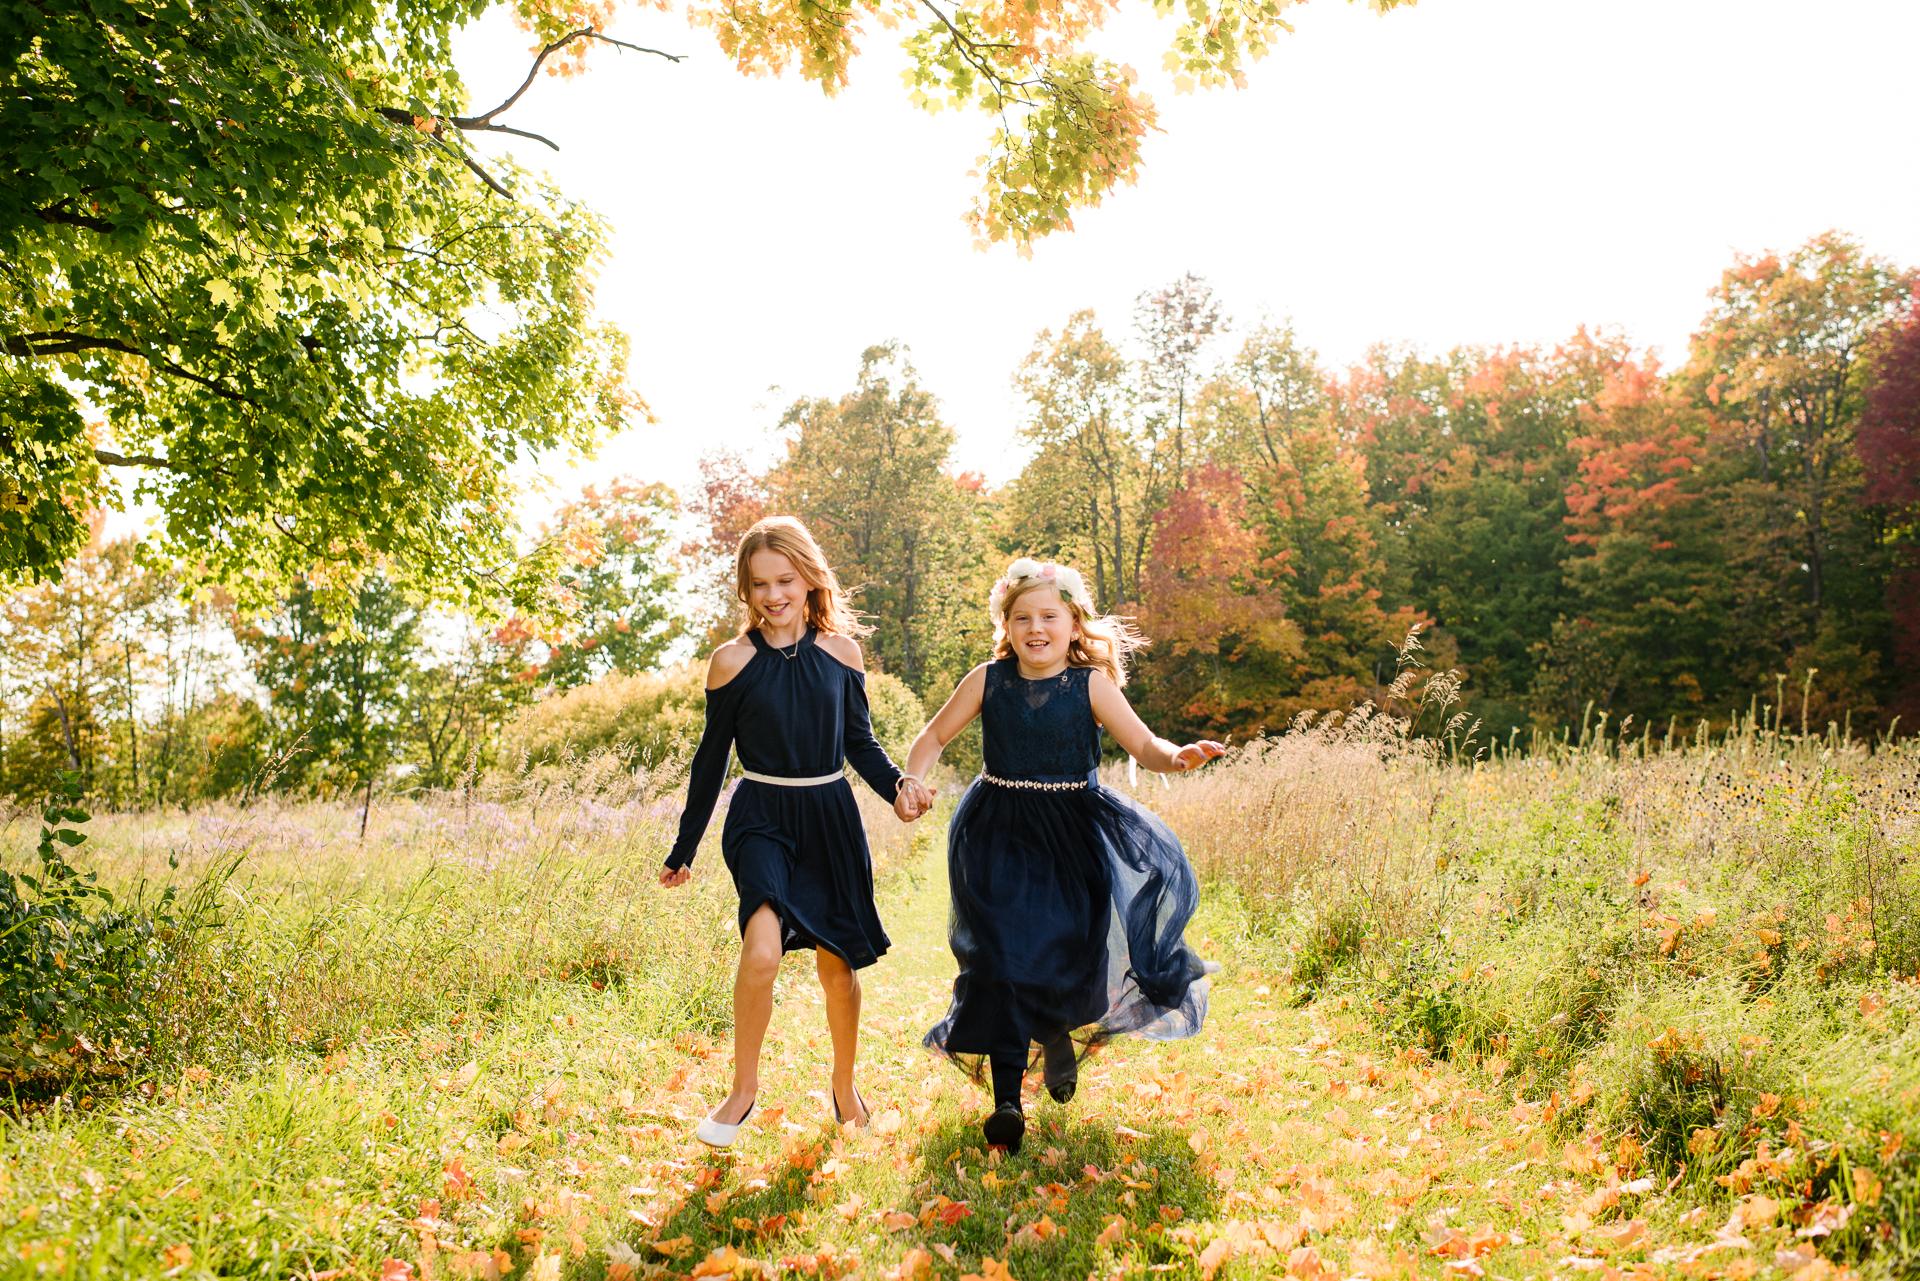 Ontario Hochzeitsfotograf | Die Blumenmädchen halten sich an den Händen, als sie zur Zeremonie springen